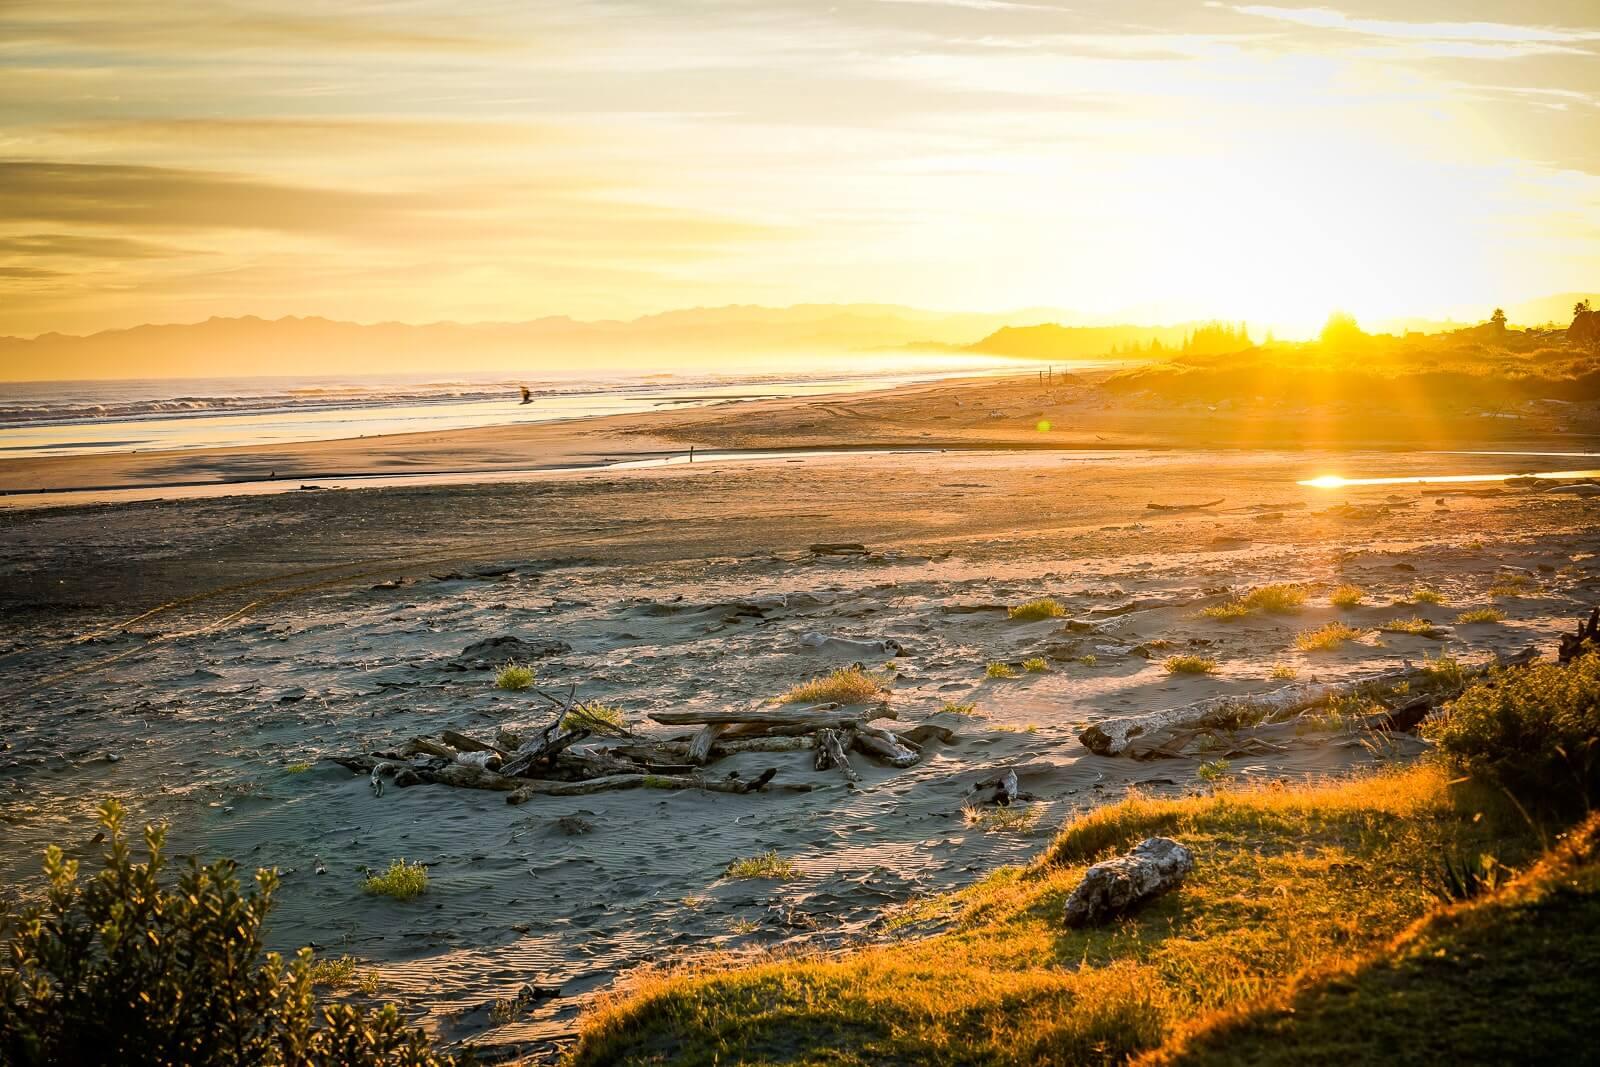 Bay of Plenty - Hukuwai Beach Noordereiland Nieuw-Zeeland